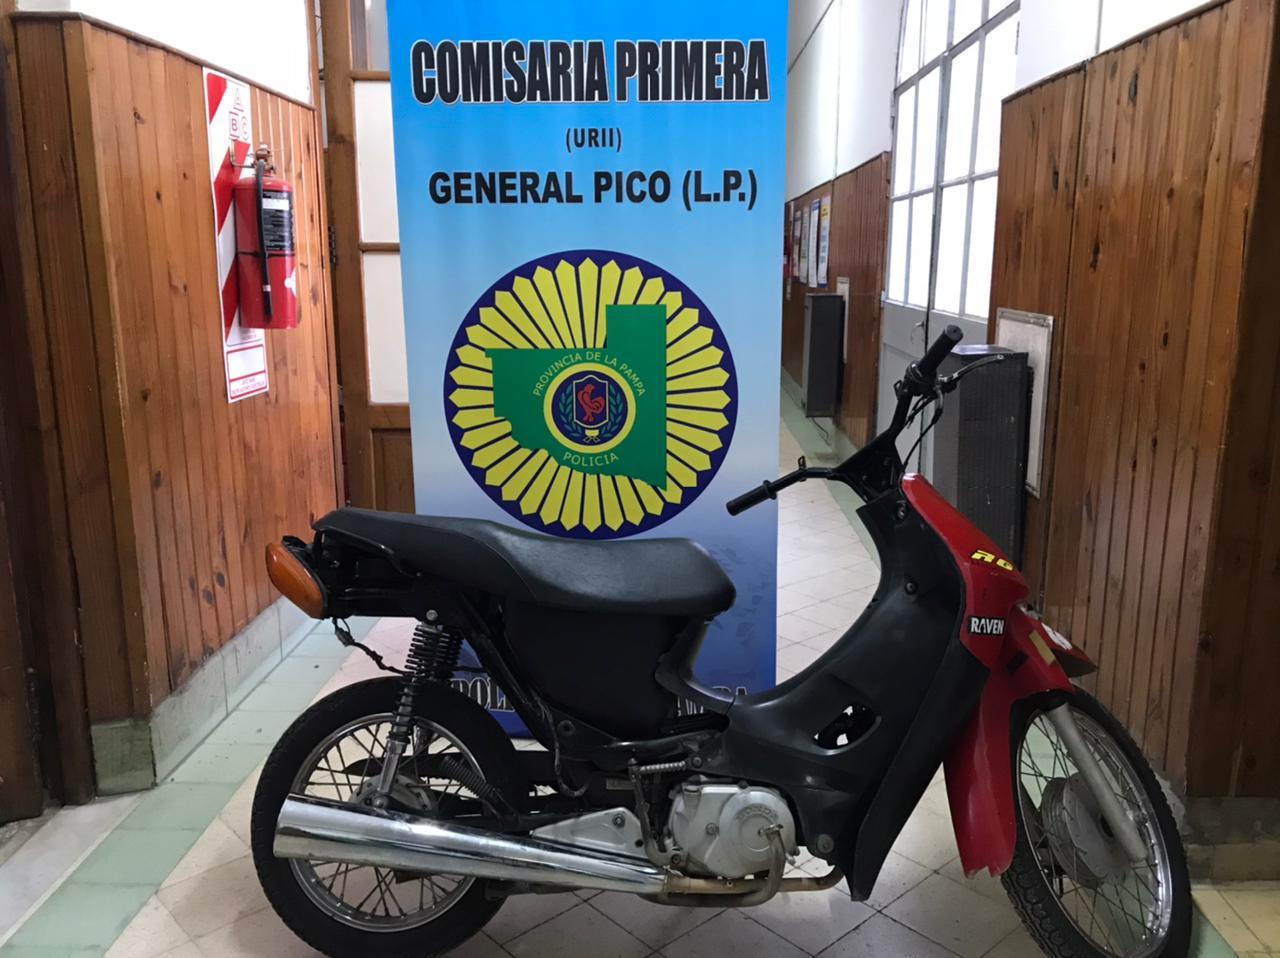 Personal de Comisaría Primera recuperó una moto que había sido robada y demoró a un hombre